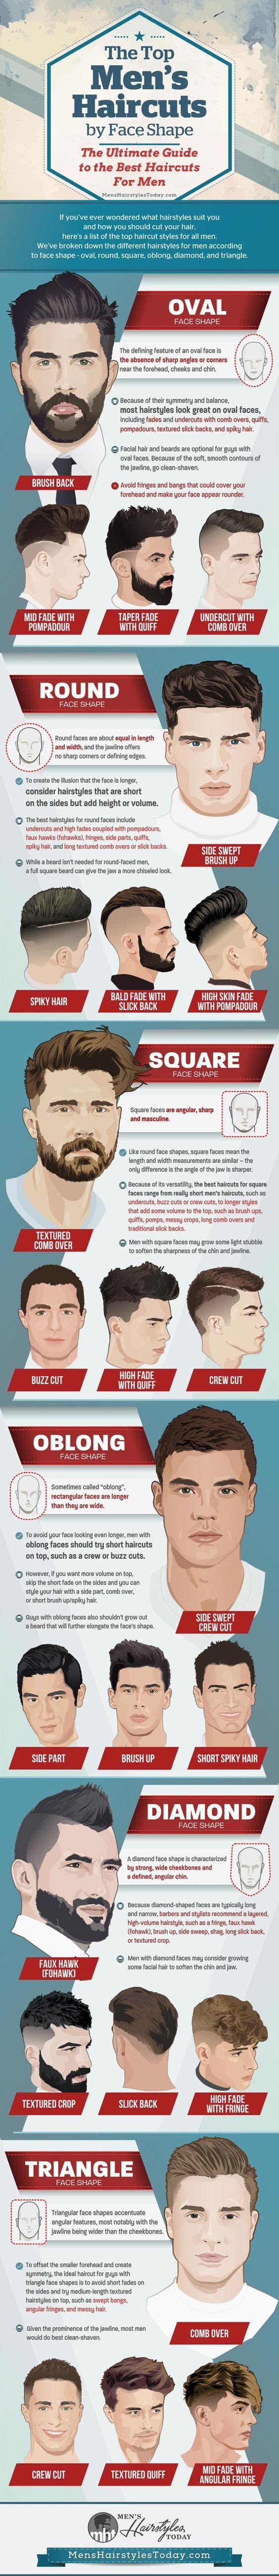 Men haircut long face what haircut should i get  models  pinterest  undercut pompadour